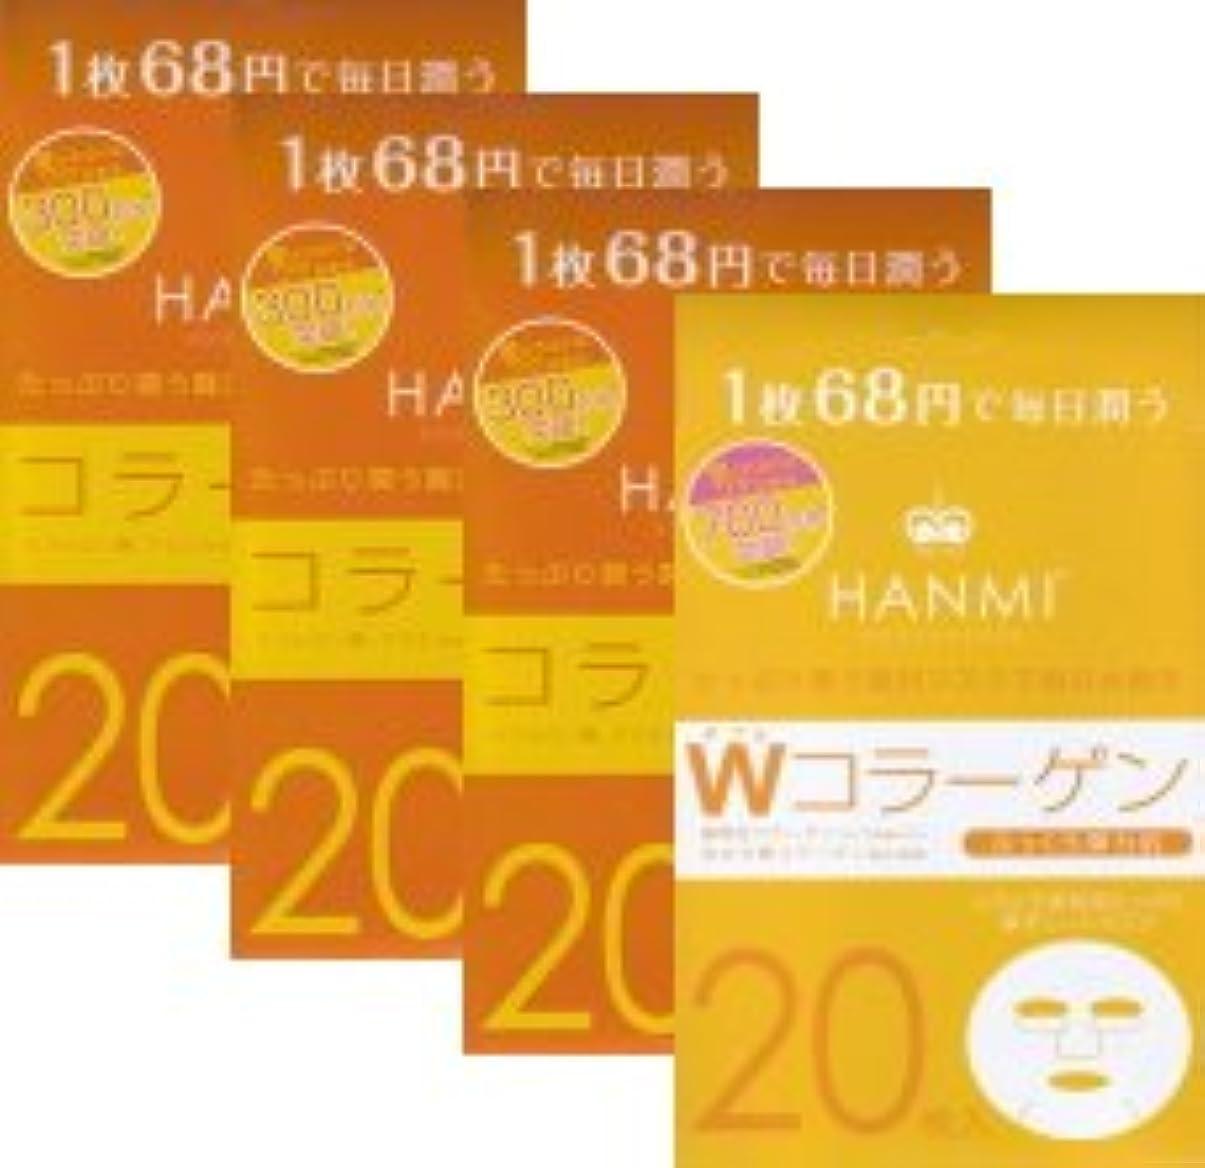 ミシン目くま自由MIGAKI ハンミフェイスマスク(20枚入り)「コラーゲン×3個」「Wコラーゲン×1個」の4個セット